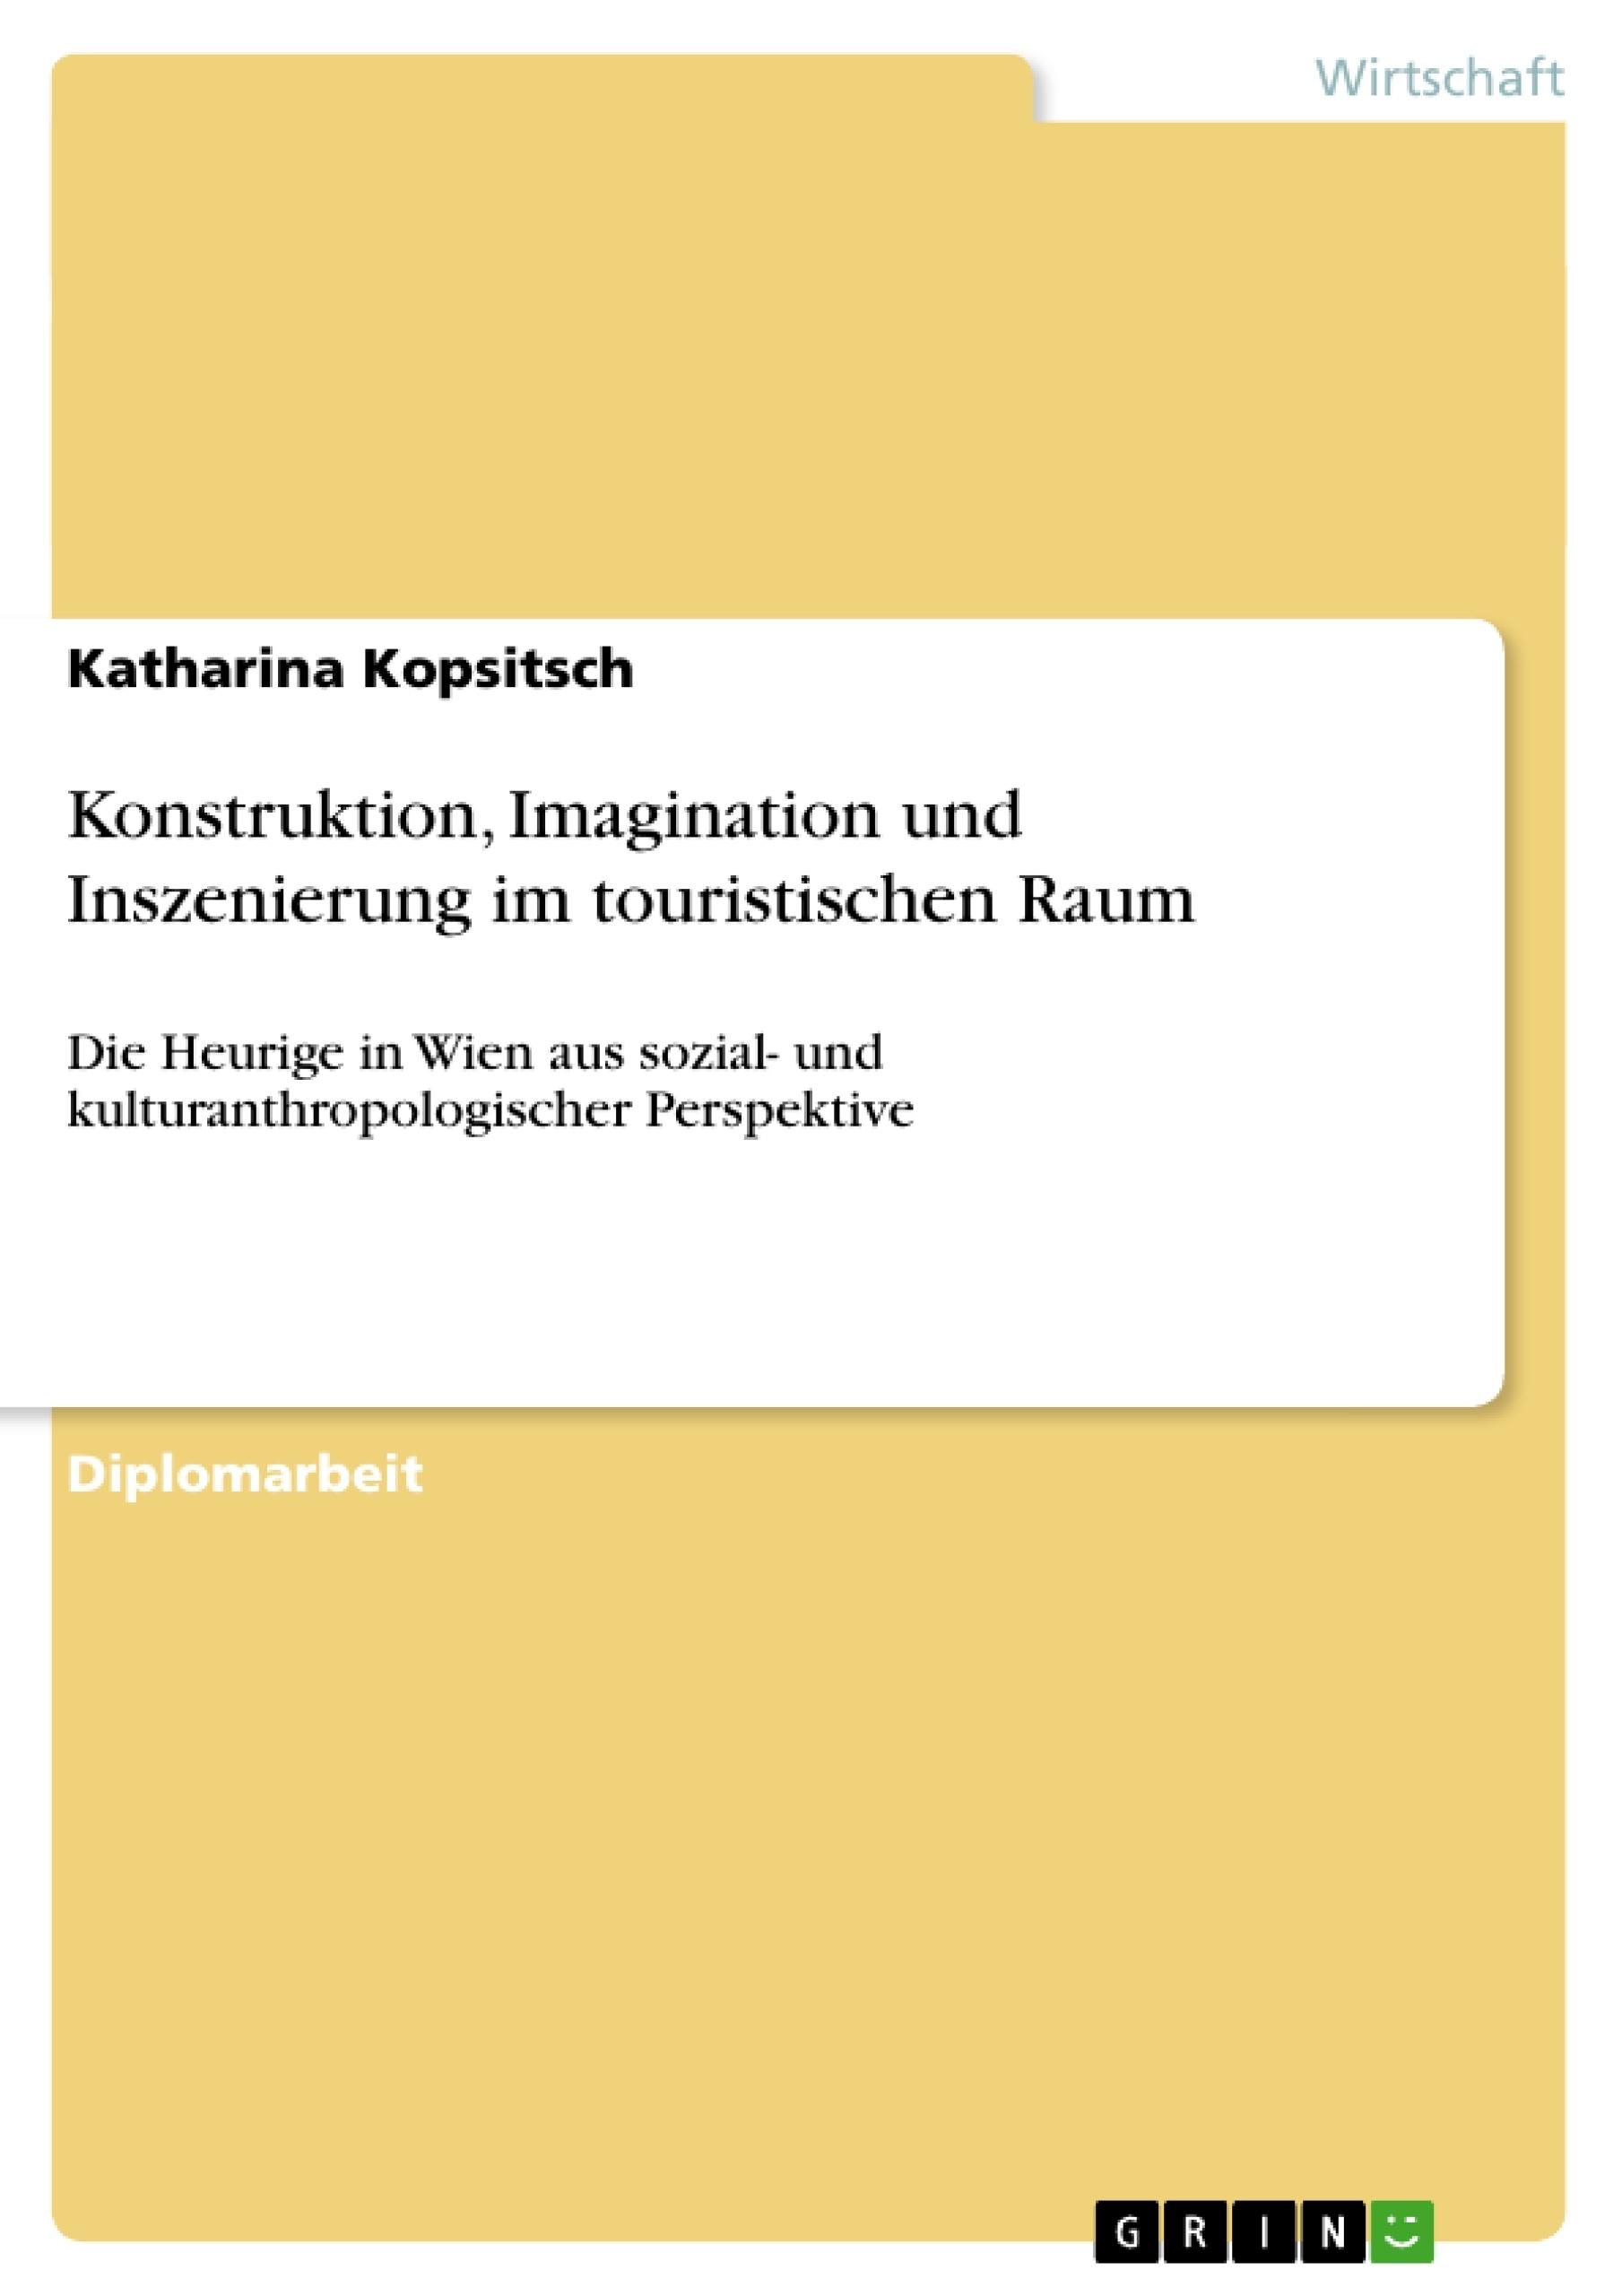 Titel: Konstruktion, Imagination und Inszenierung im touristischen Raum